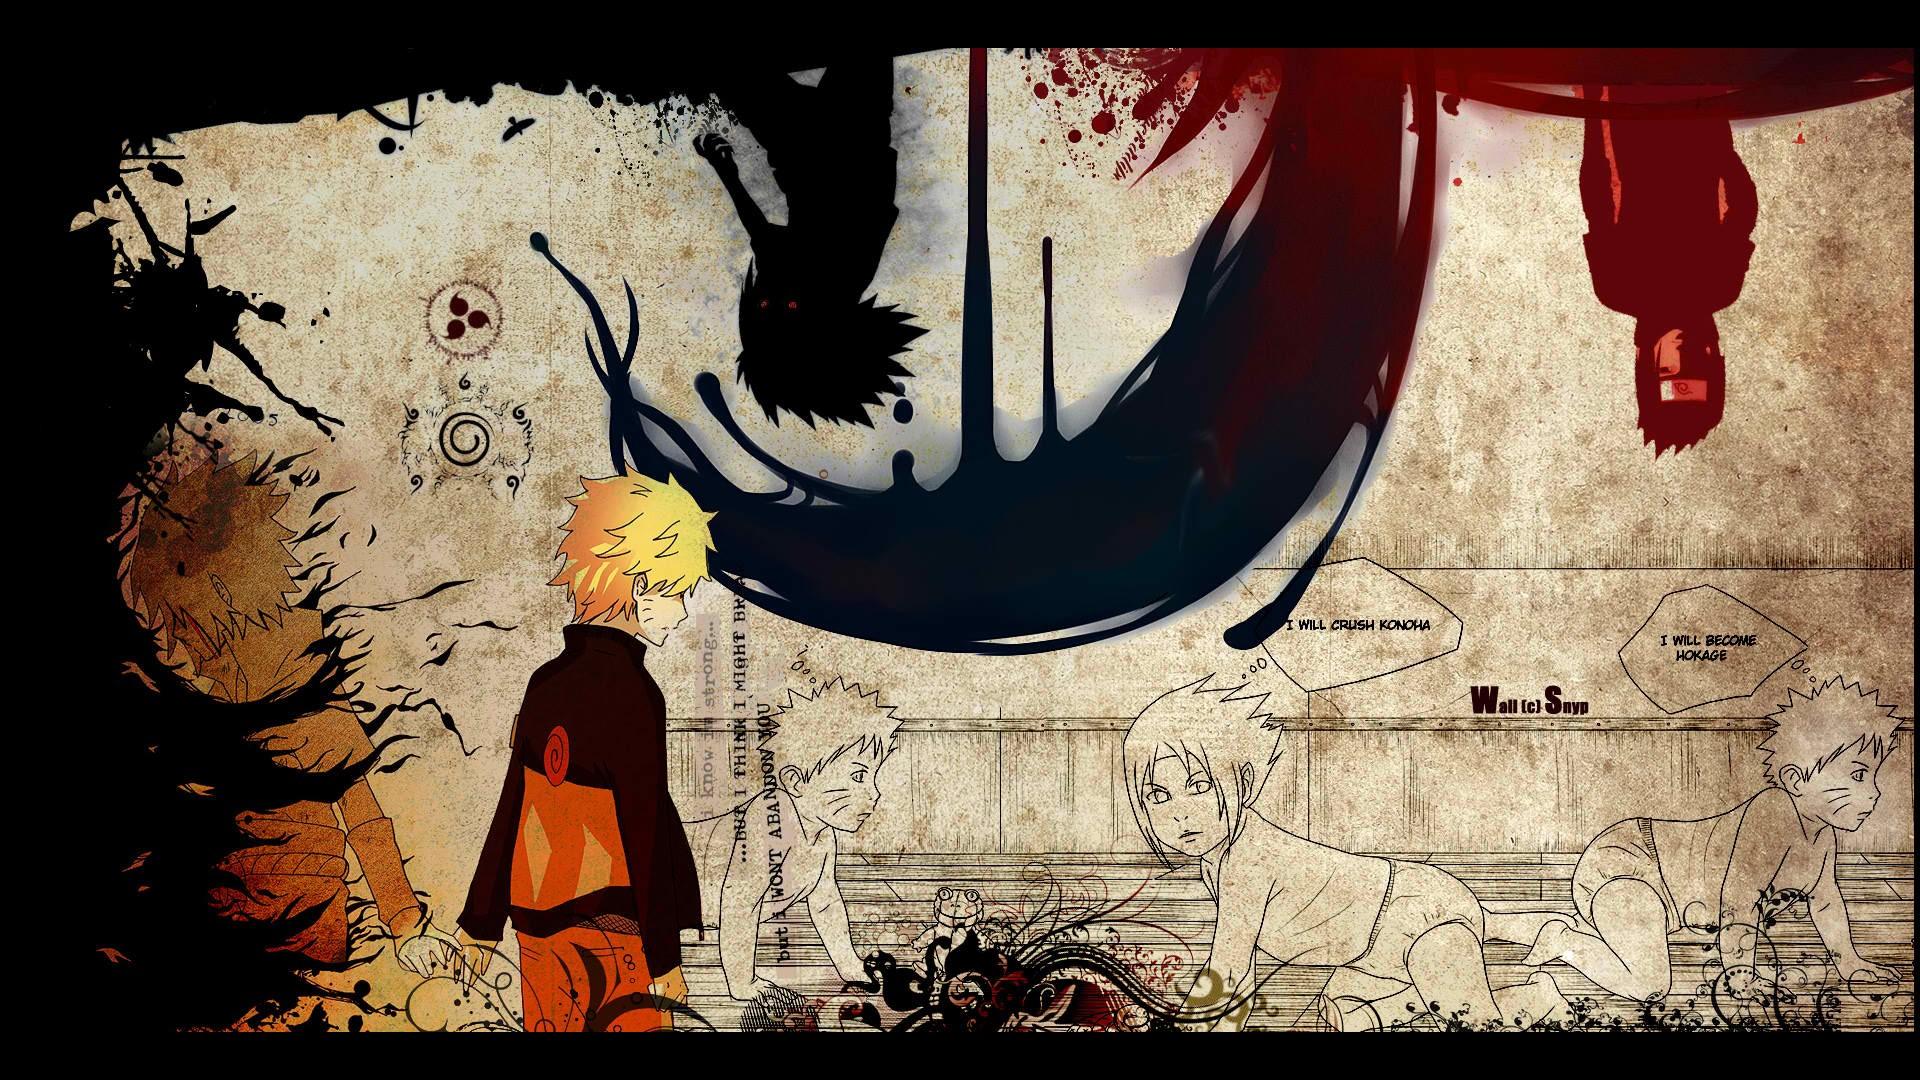 Silhouette Uchiha Sasuke Naruto Shippuden Uzumaki Anime - Imagenes De Naruto Shippuden 1080p - HD Wallpaper